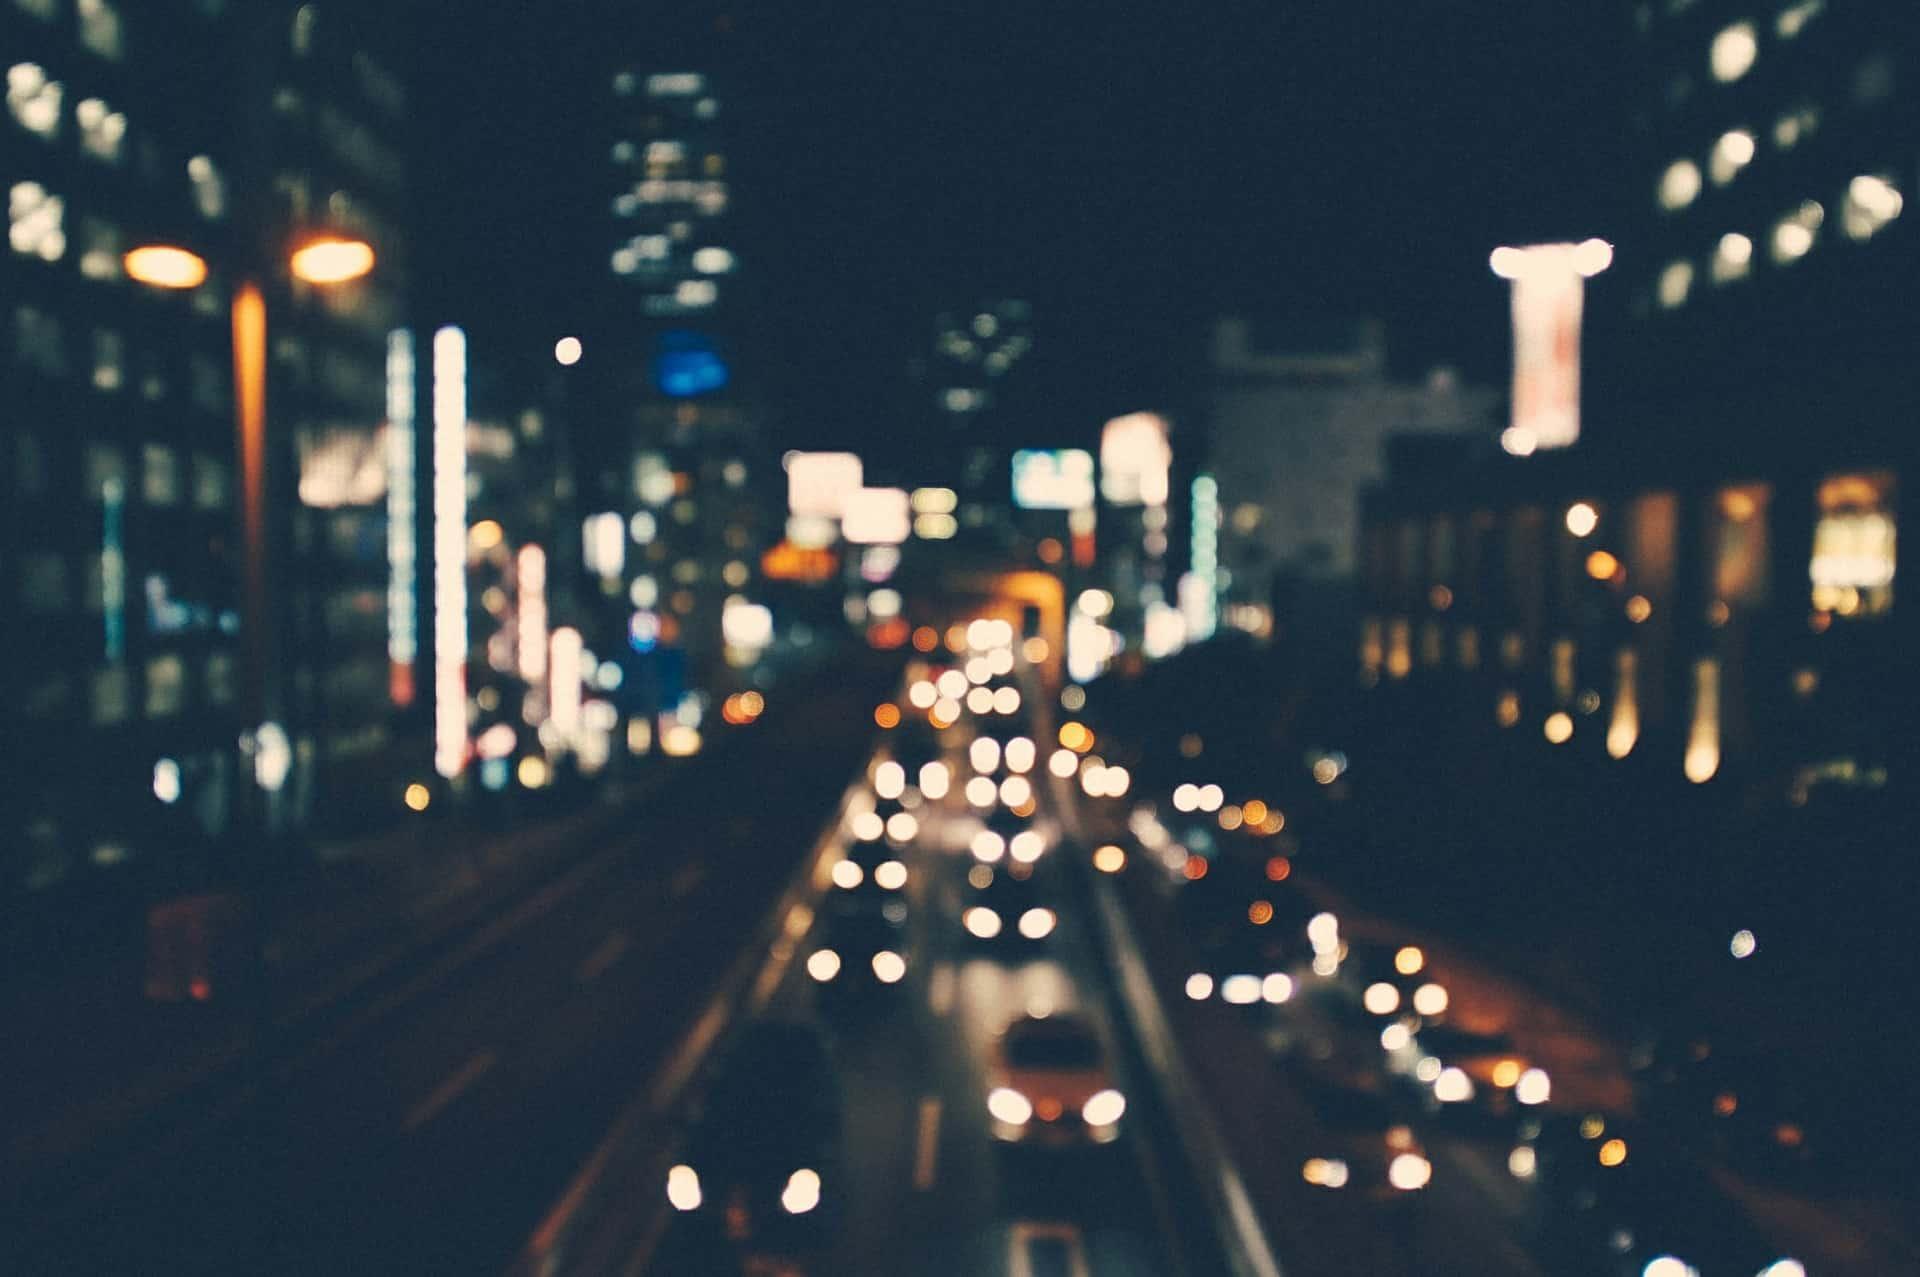 Sumea kuva öisestä kaupungista